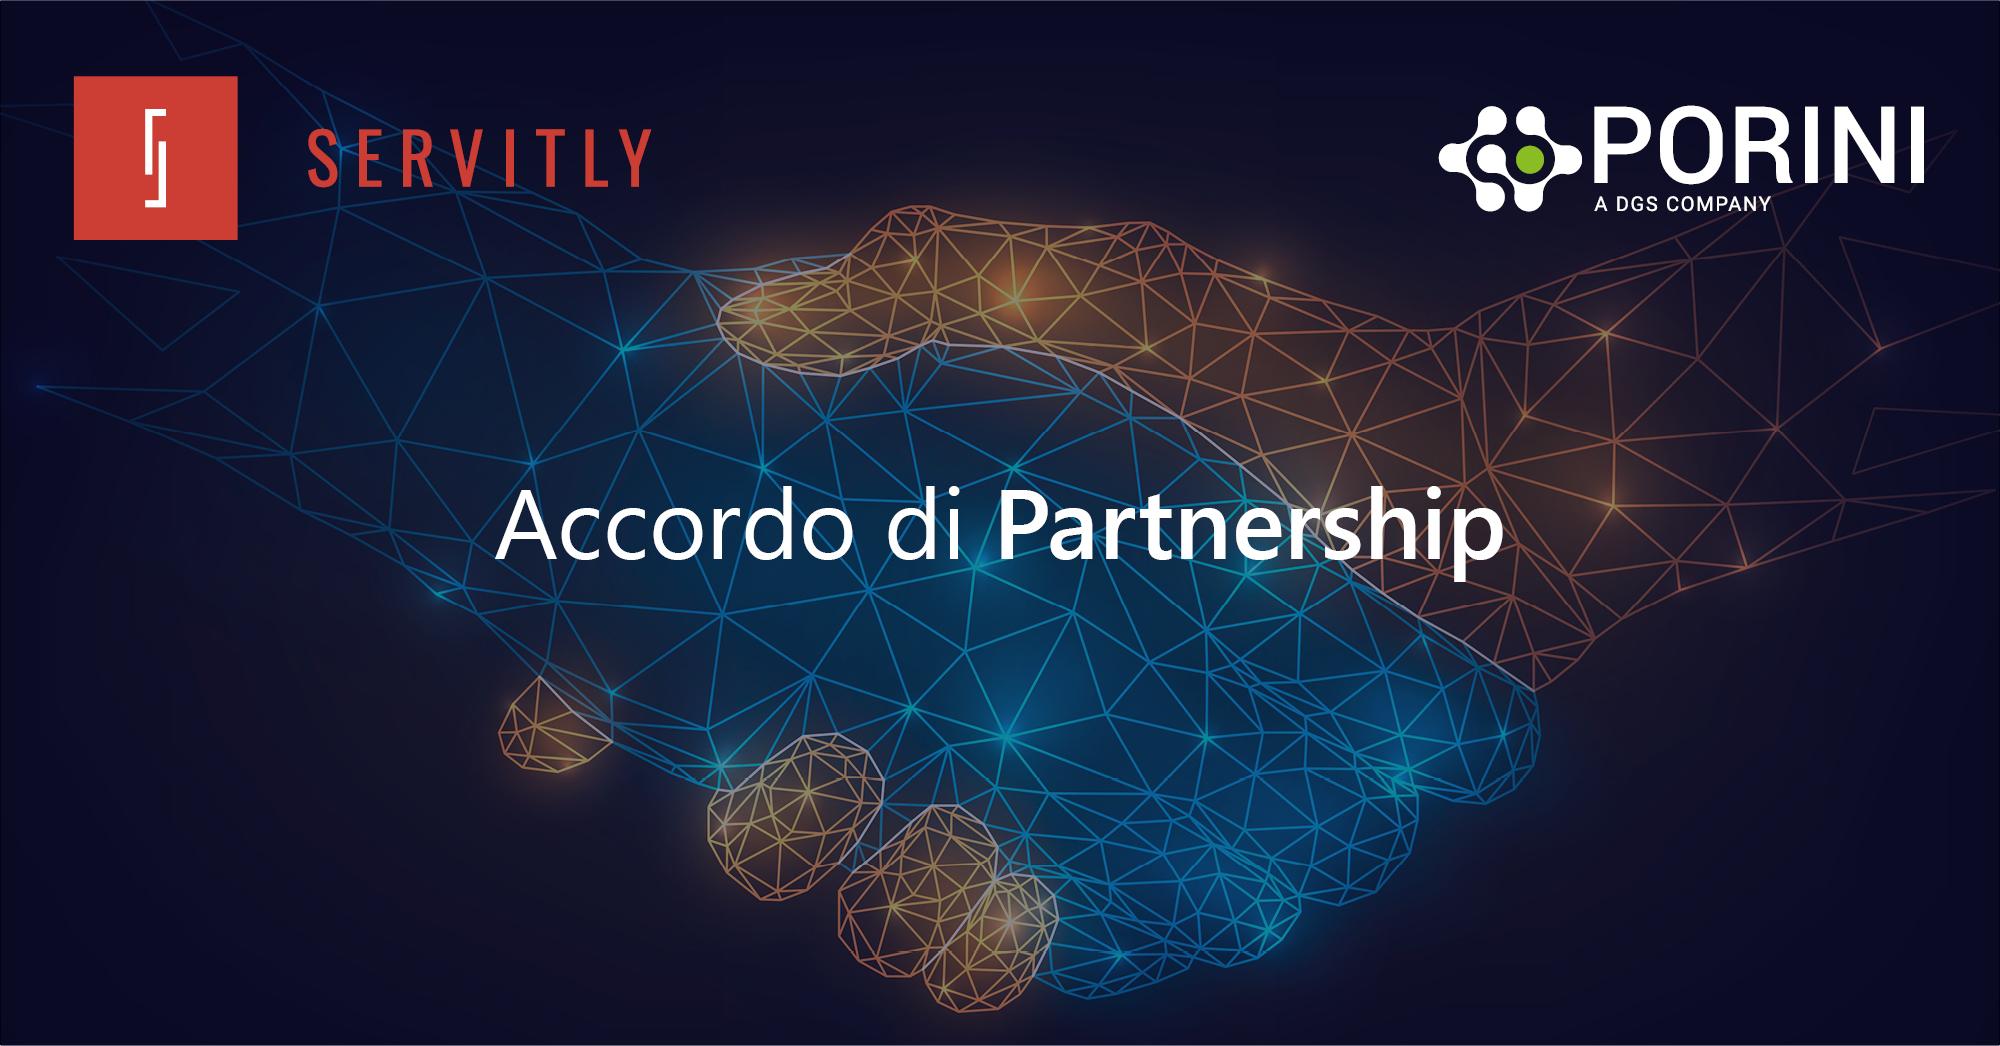 Accordo di Partnership tra Porini e Servitly